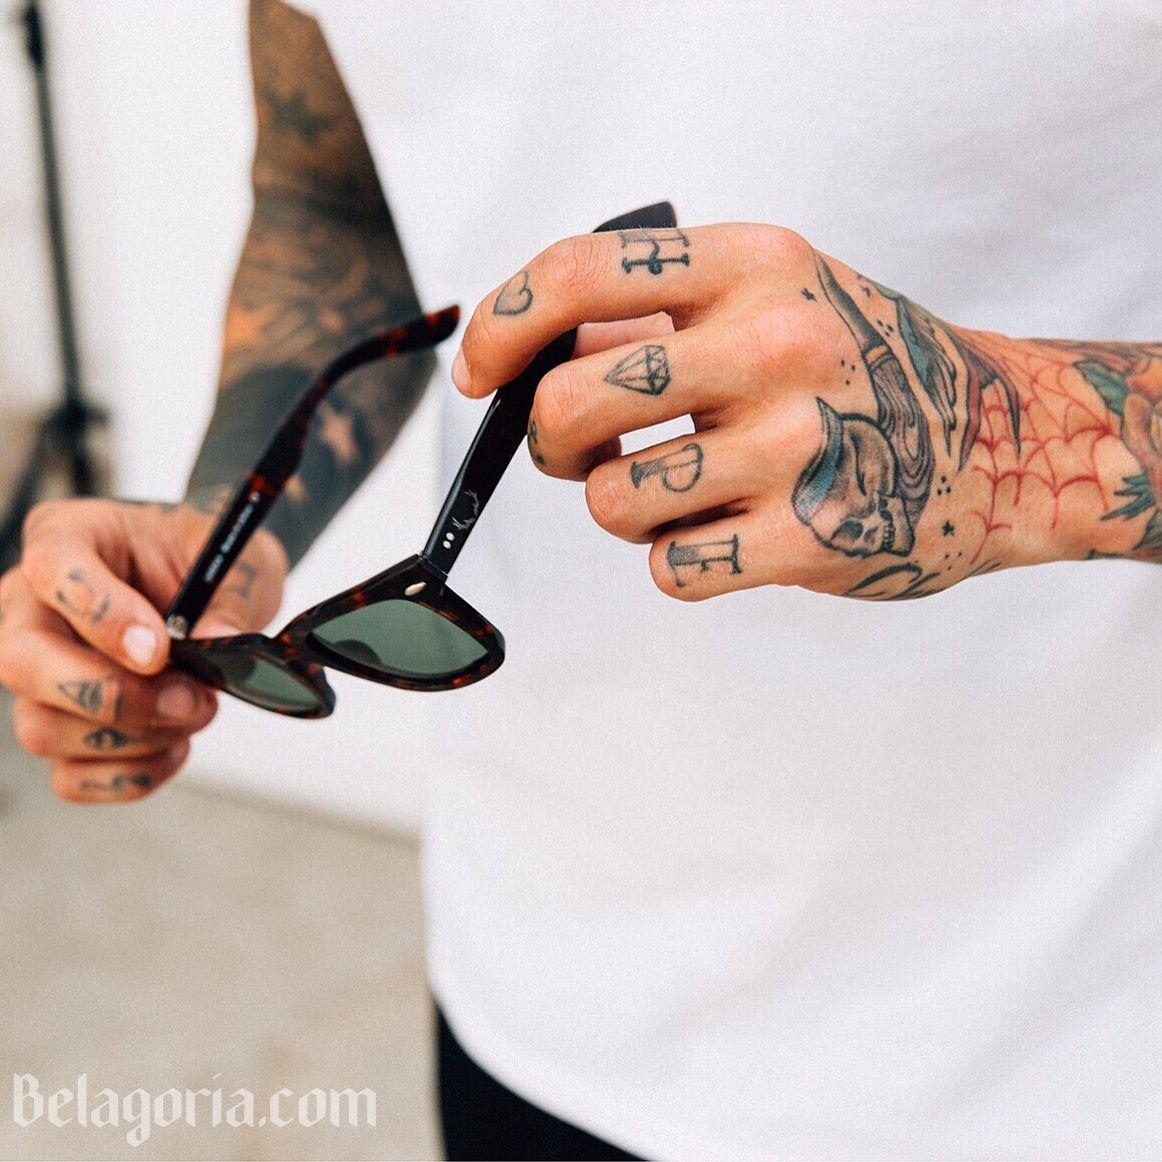 Las manos de un chico con tatuajes sencillos